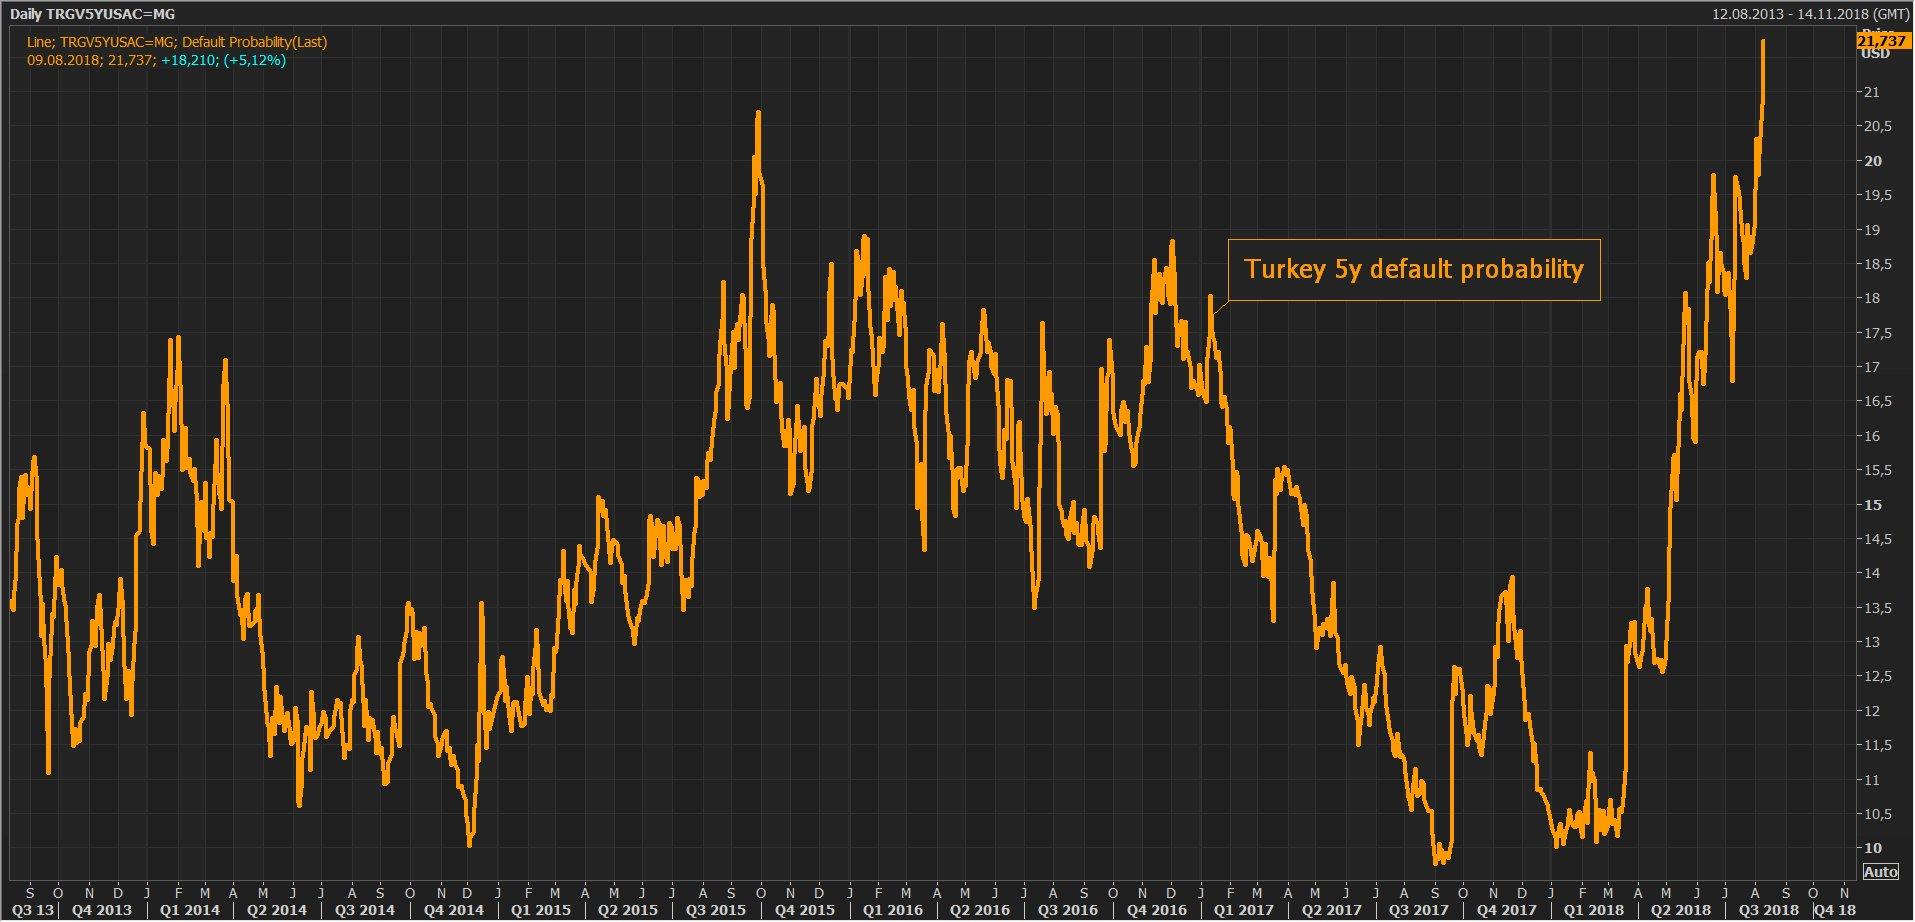 Warning: La probabilité de voir la Turquie faire défaut dans les 5 ans a bondi à près de 22%